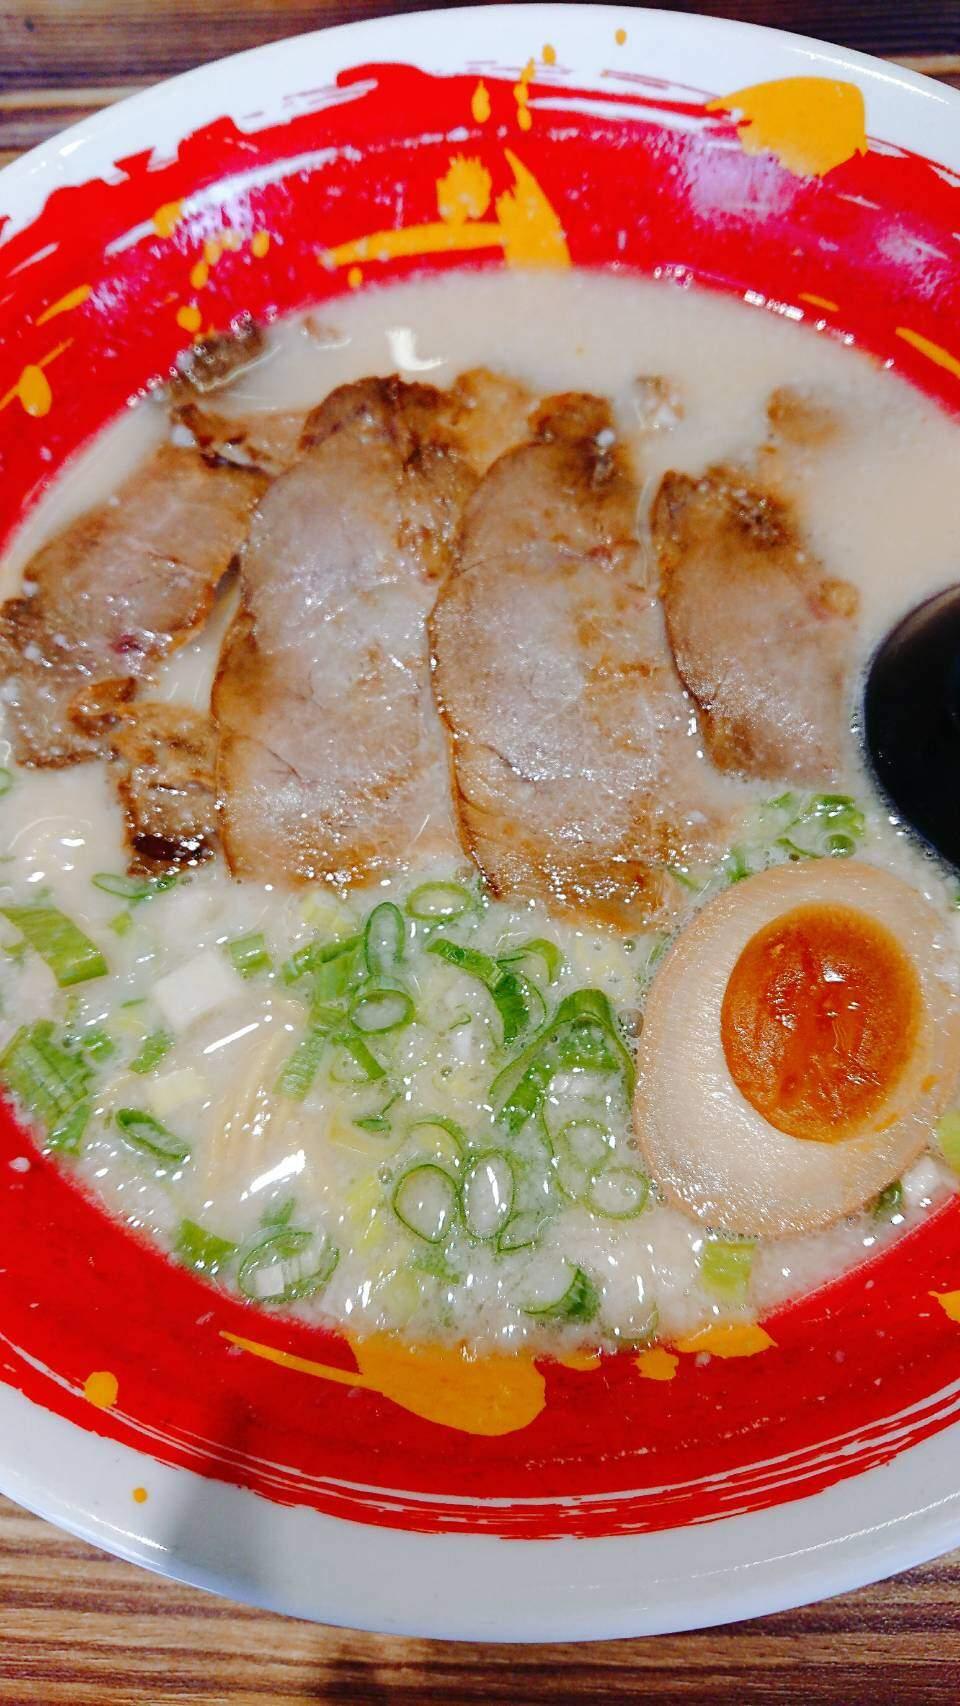 【花蓮市區】豚將拉麵|經濟實惠且份量十足的拉麵